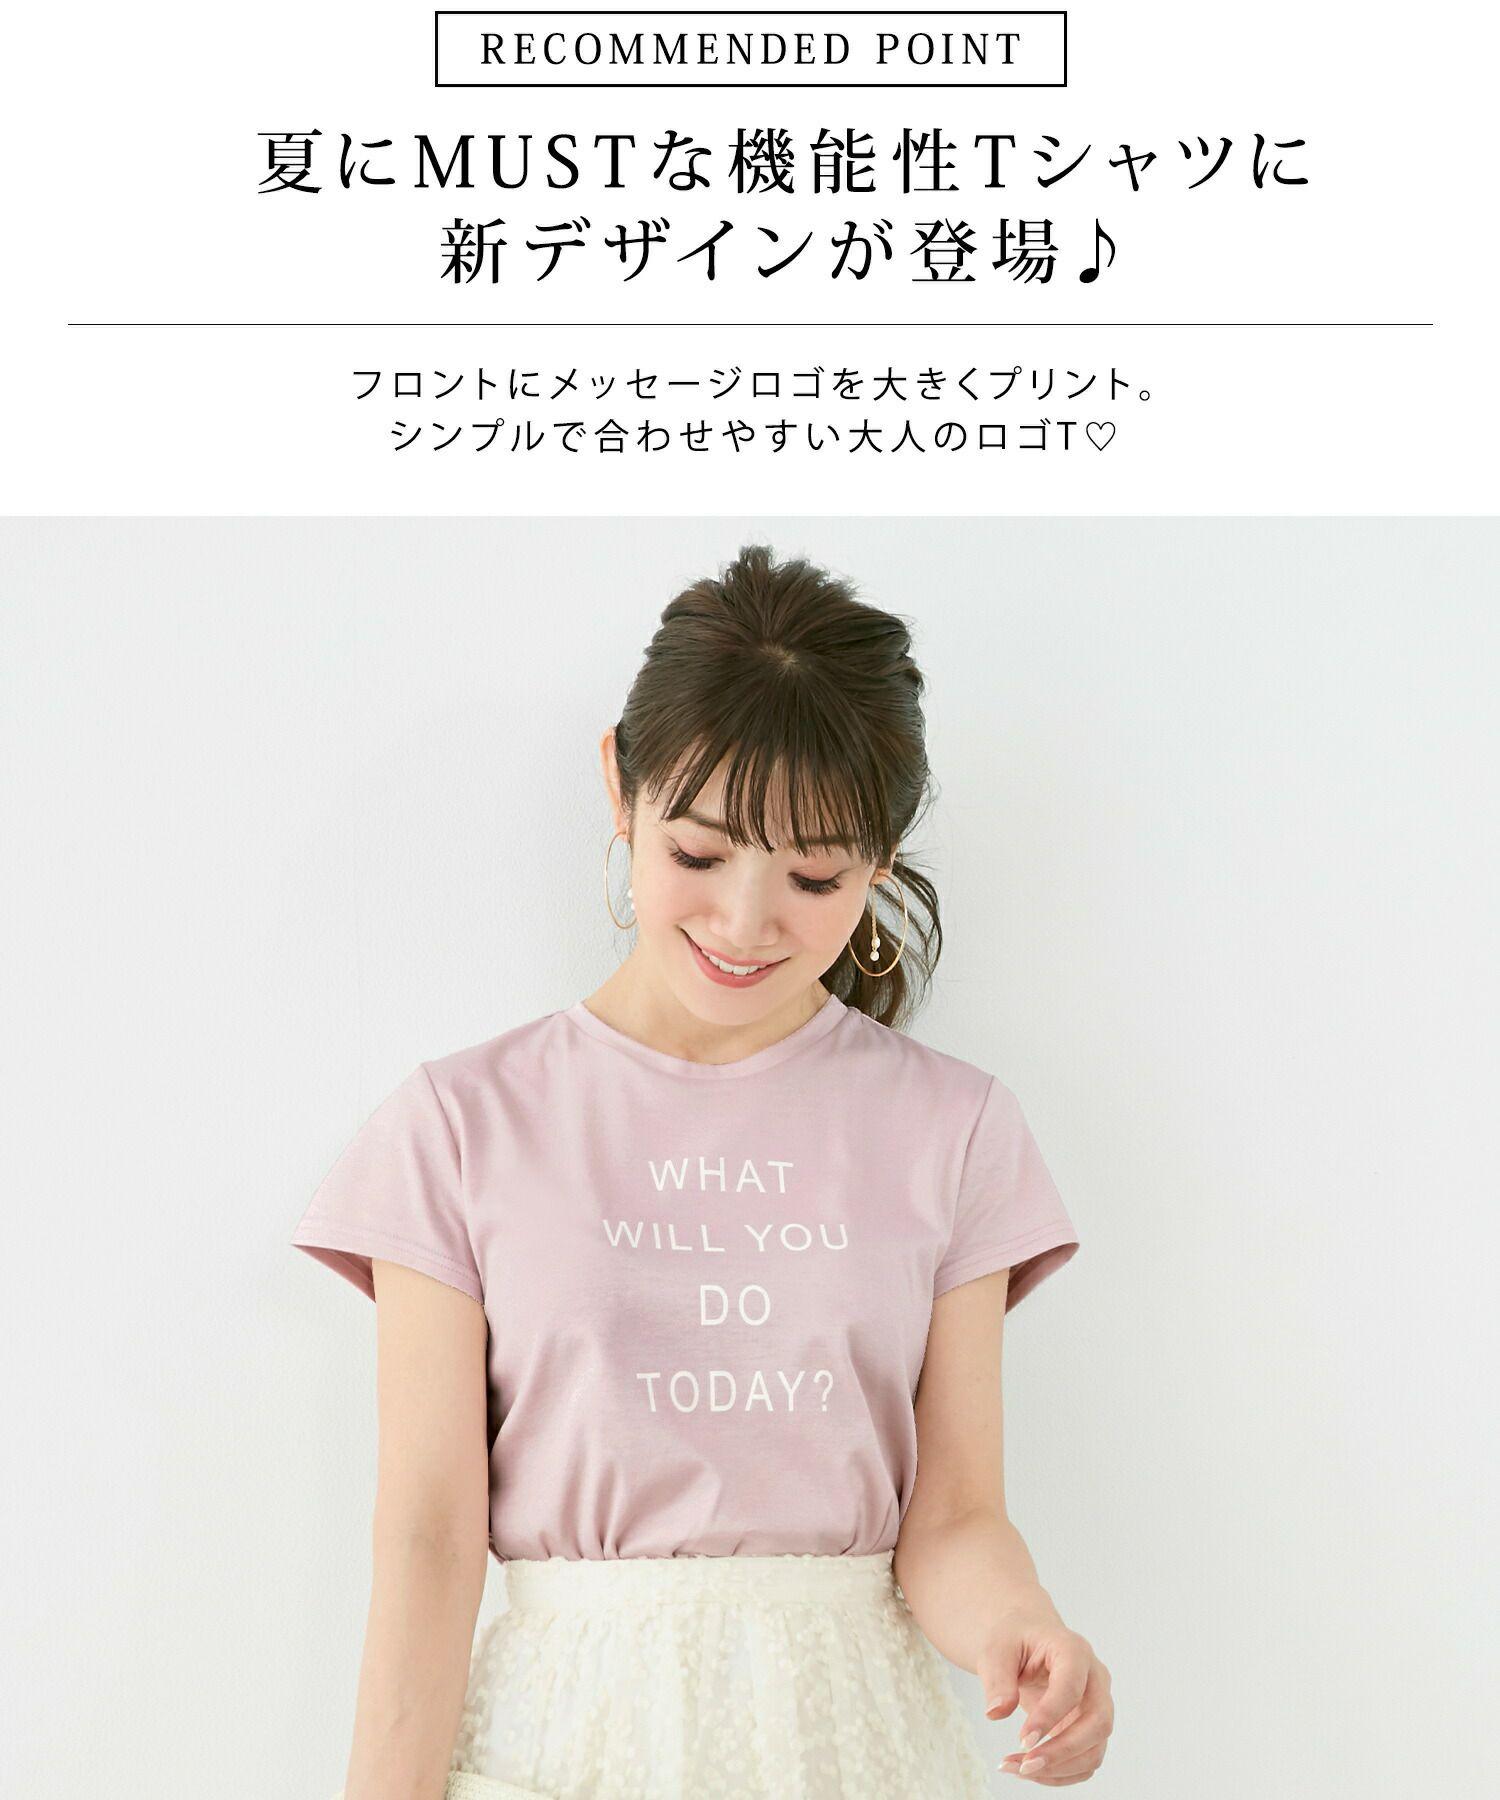 日本製/機能性素材/手洗い可/半袖/スムース/ロゴ/英字プリント